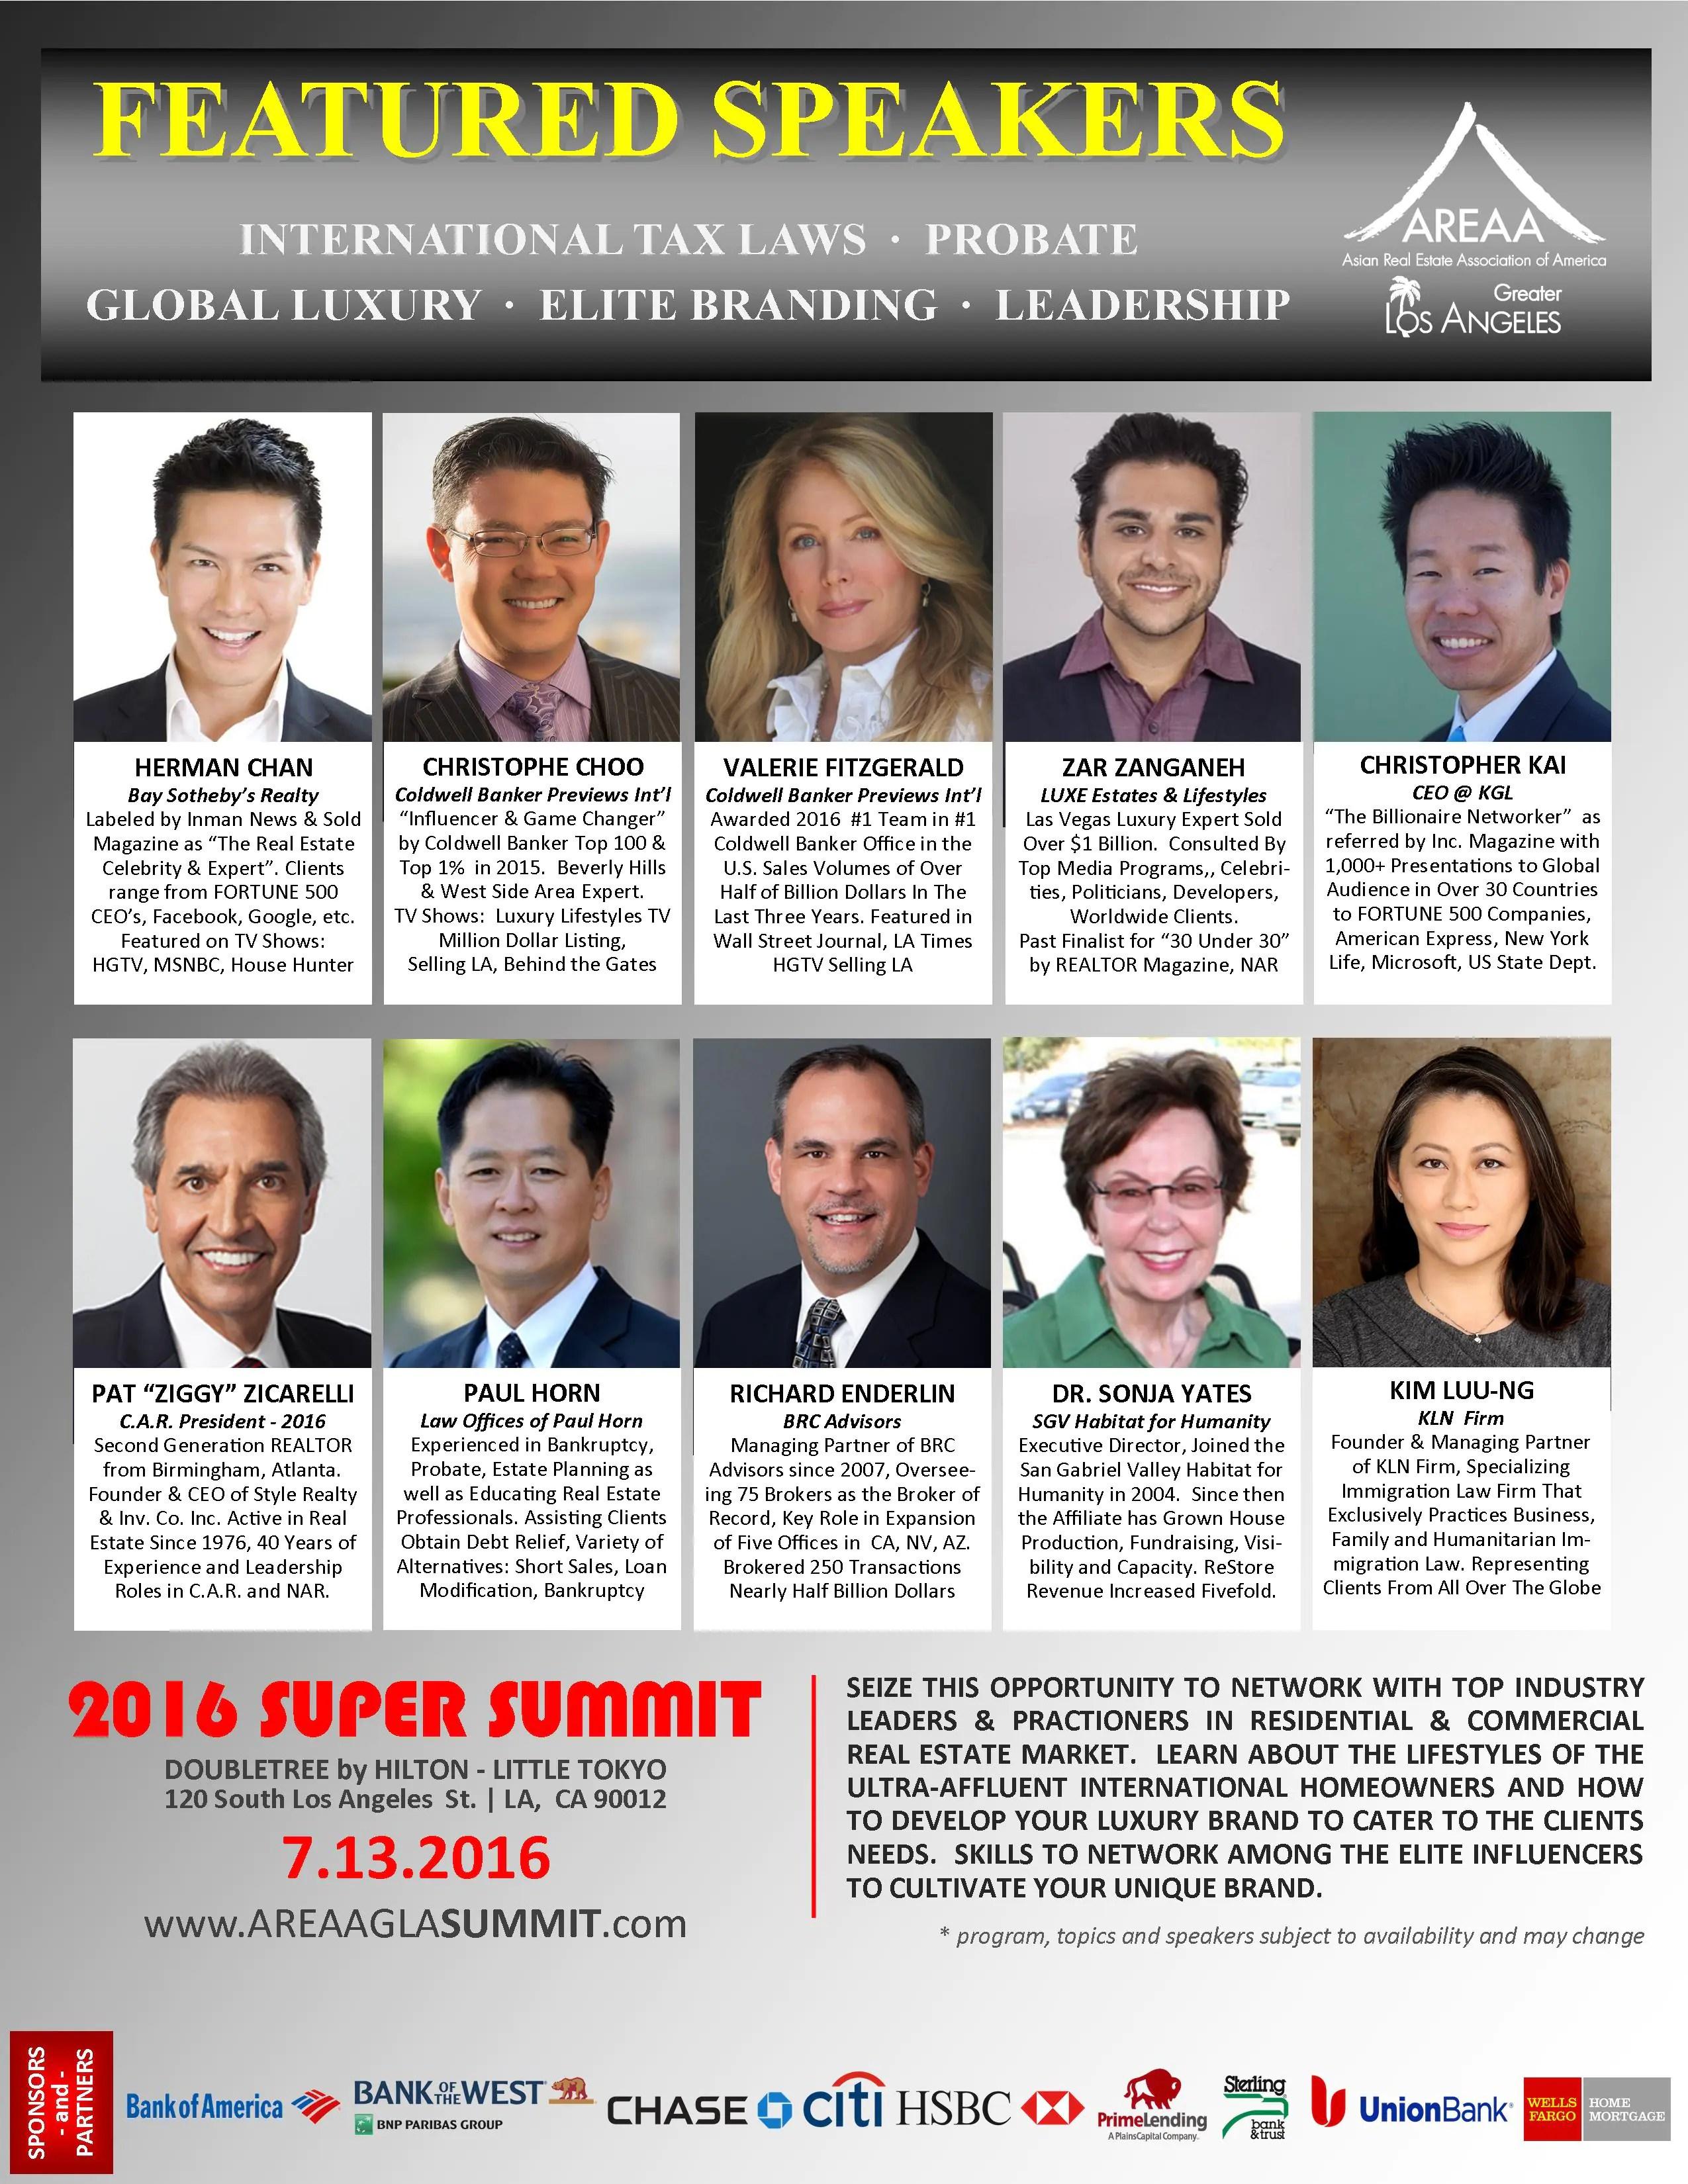 2016 Super Summit - SPEAKERS #2